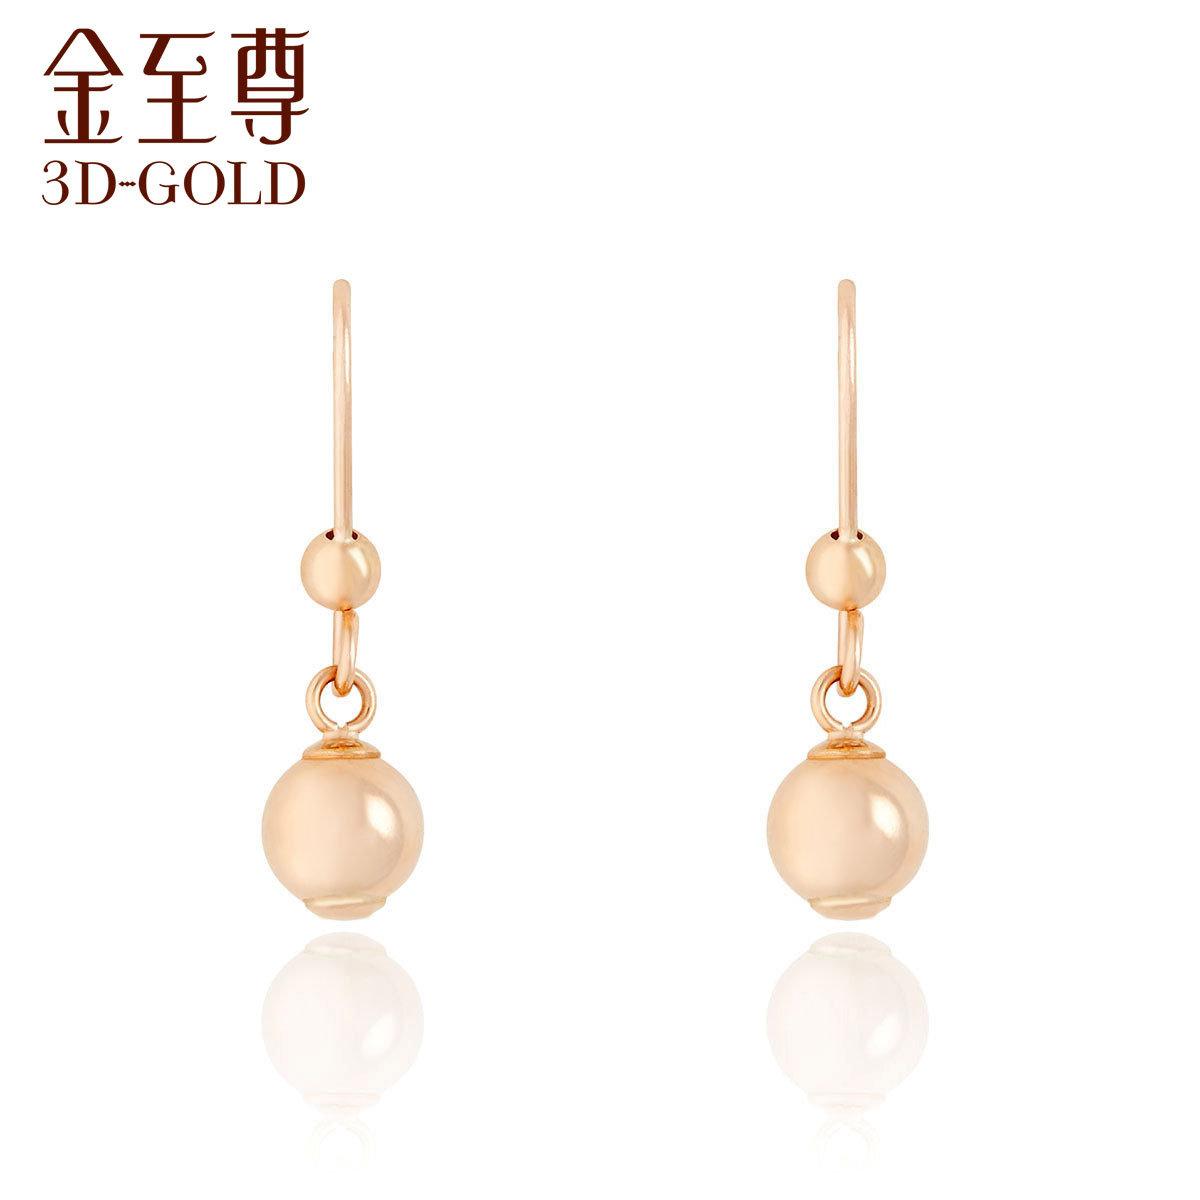 18K/750金 (紅色)耳環